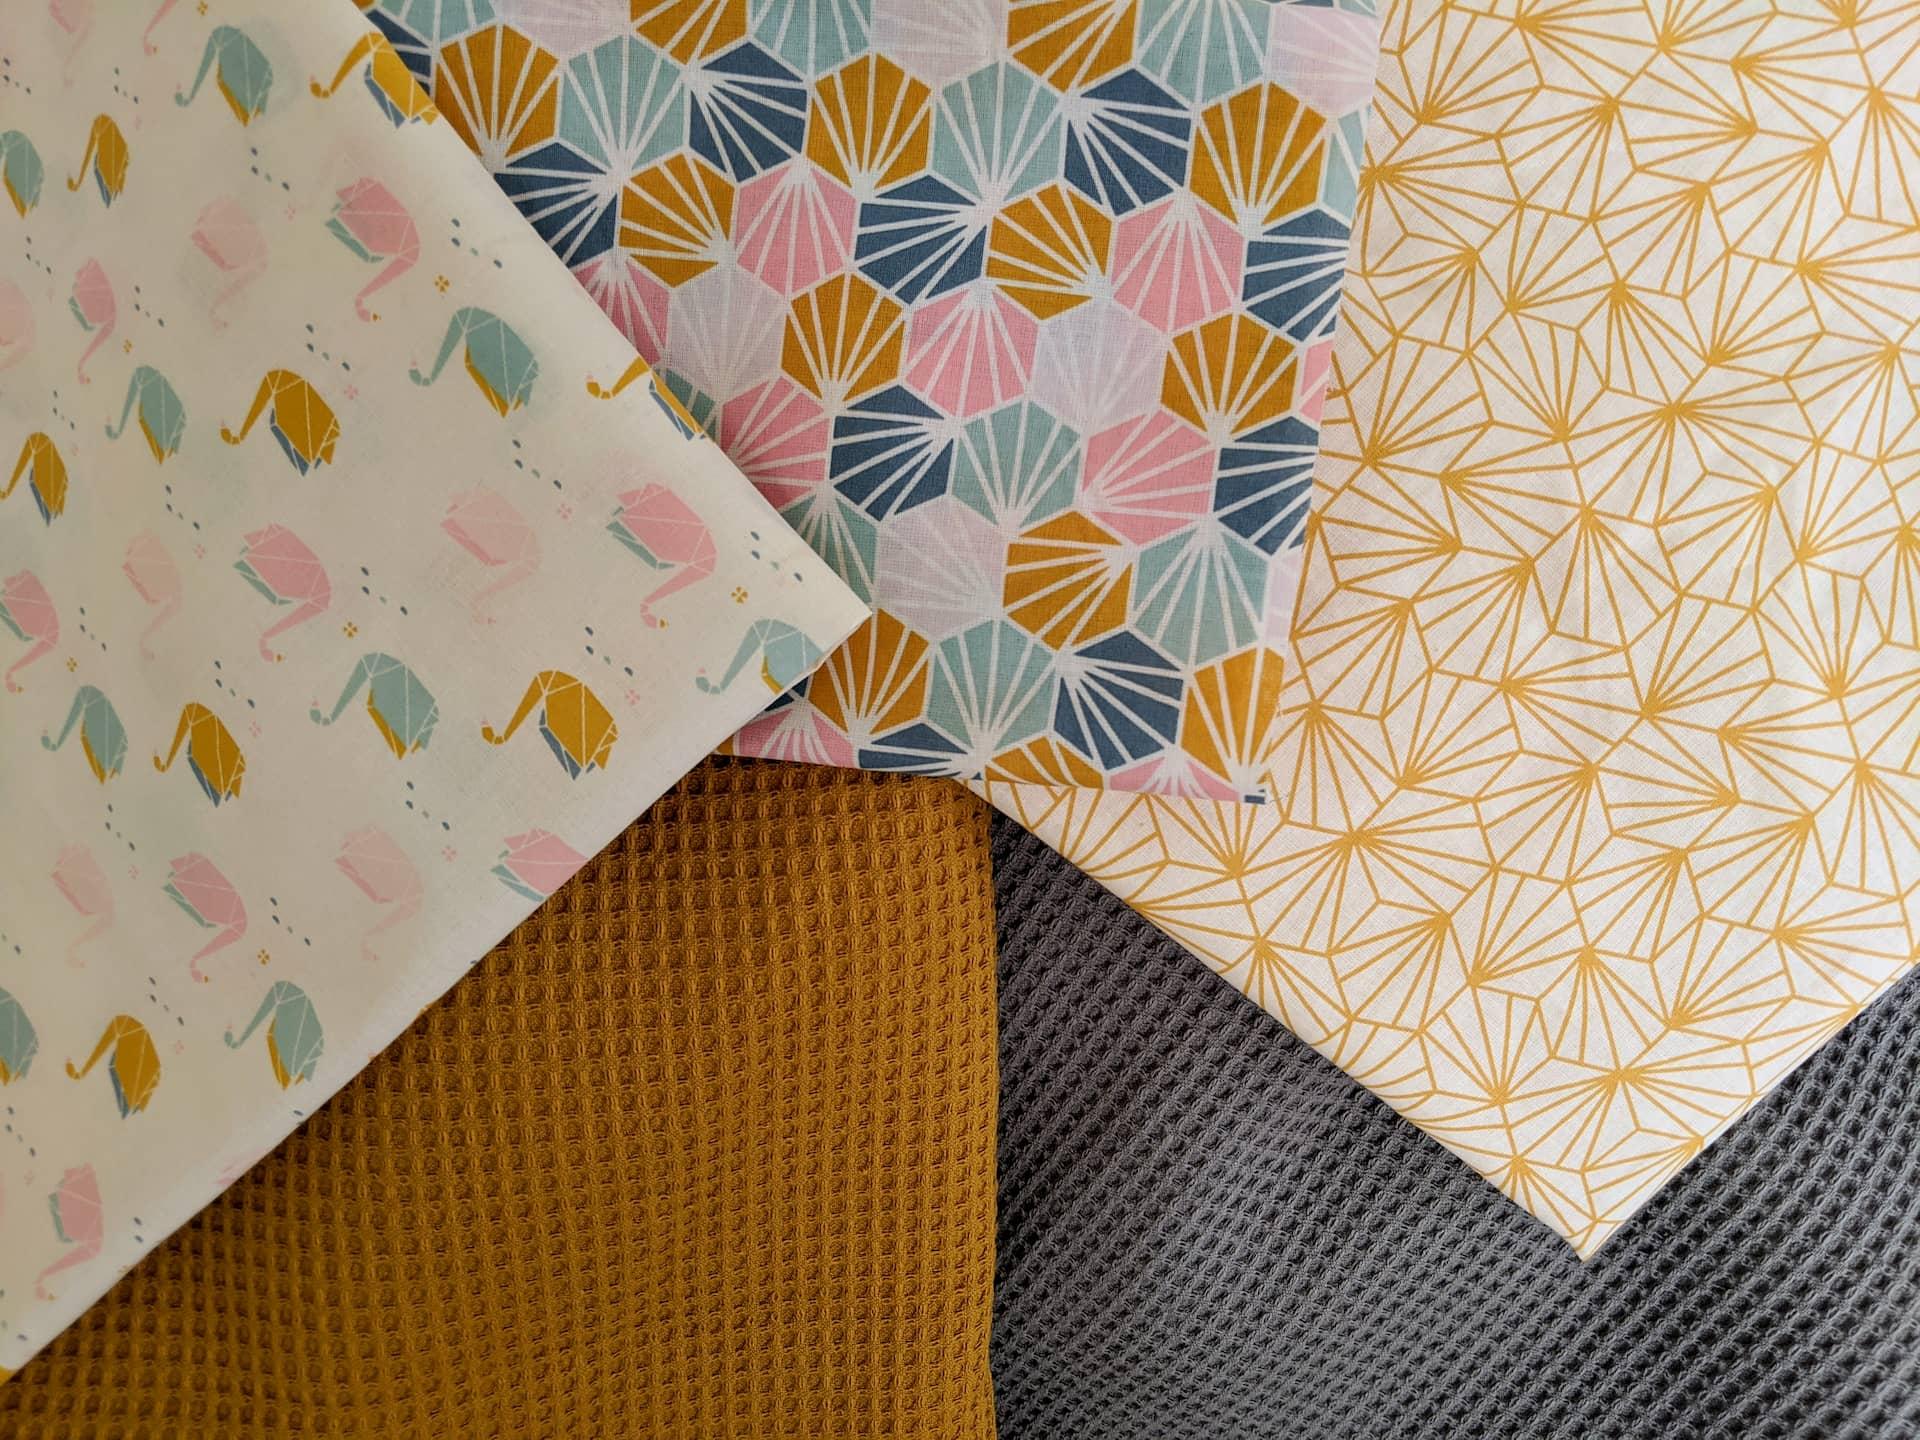 Couture - Projets DIY d'essuie-tout et de mouchoirs en tissu